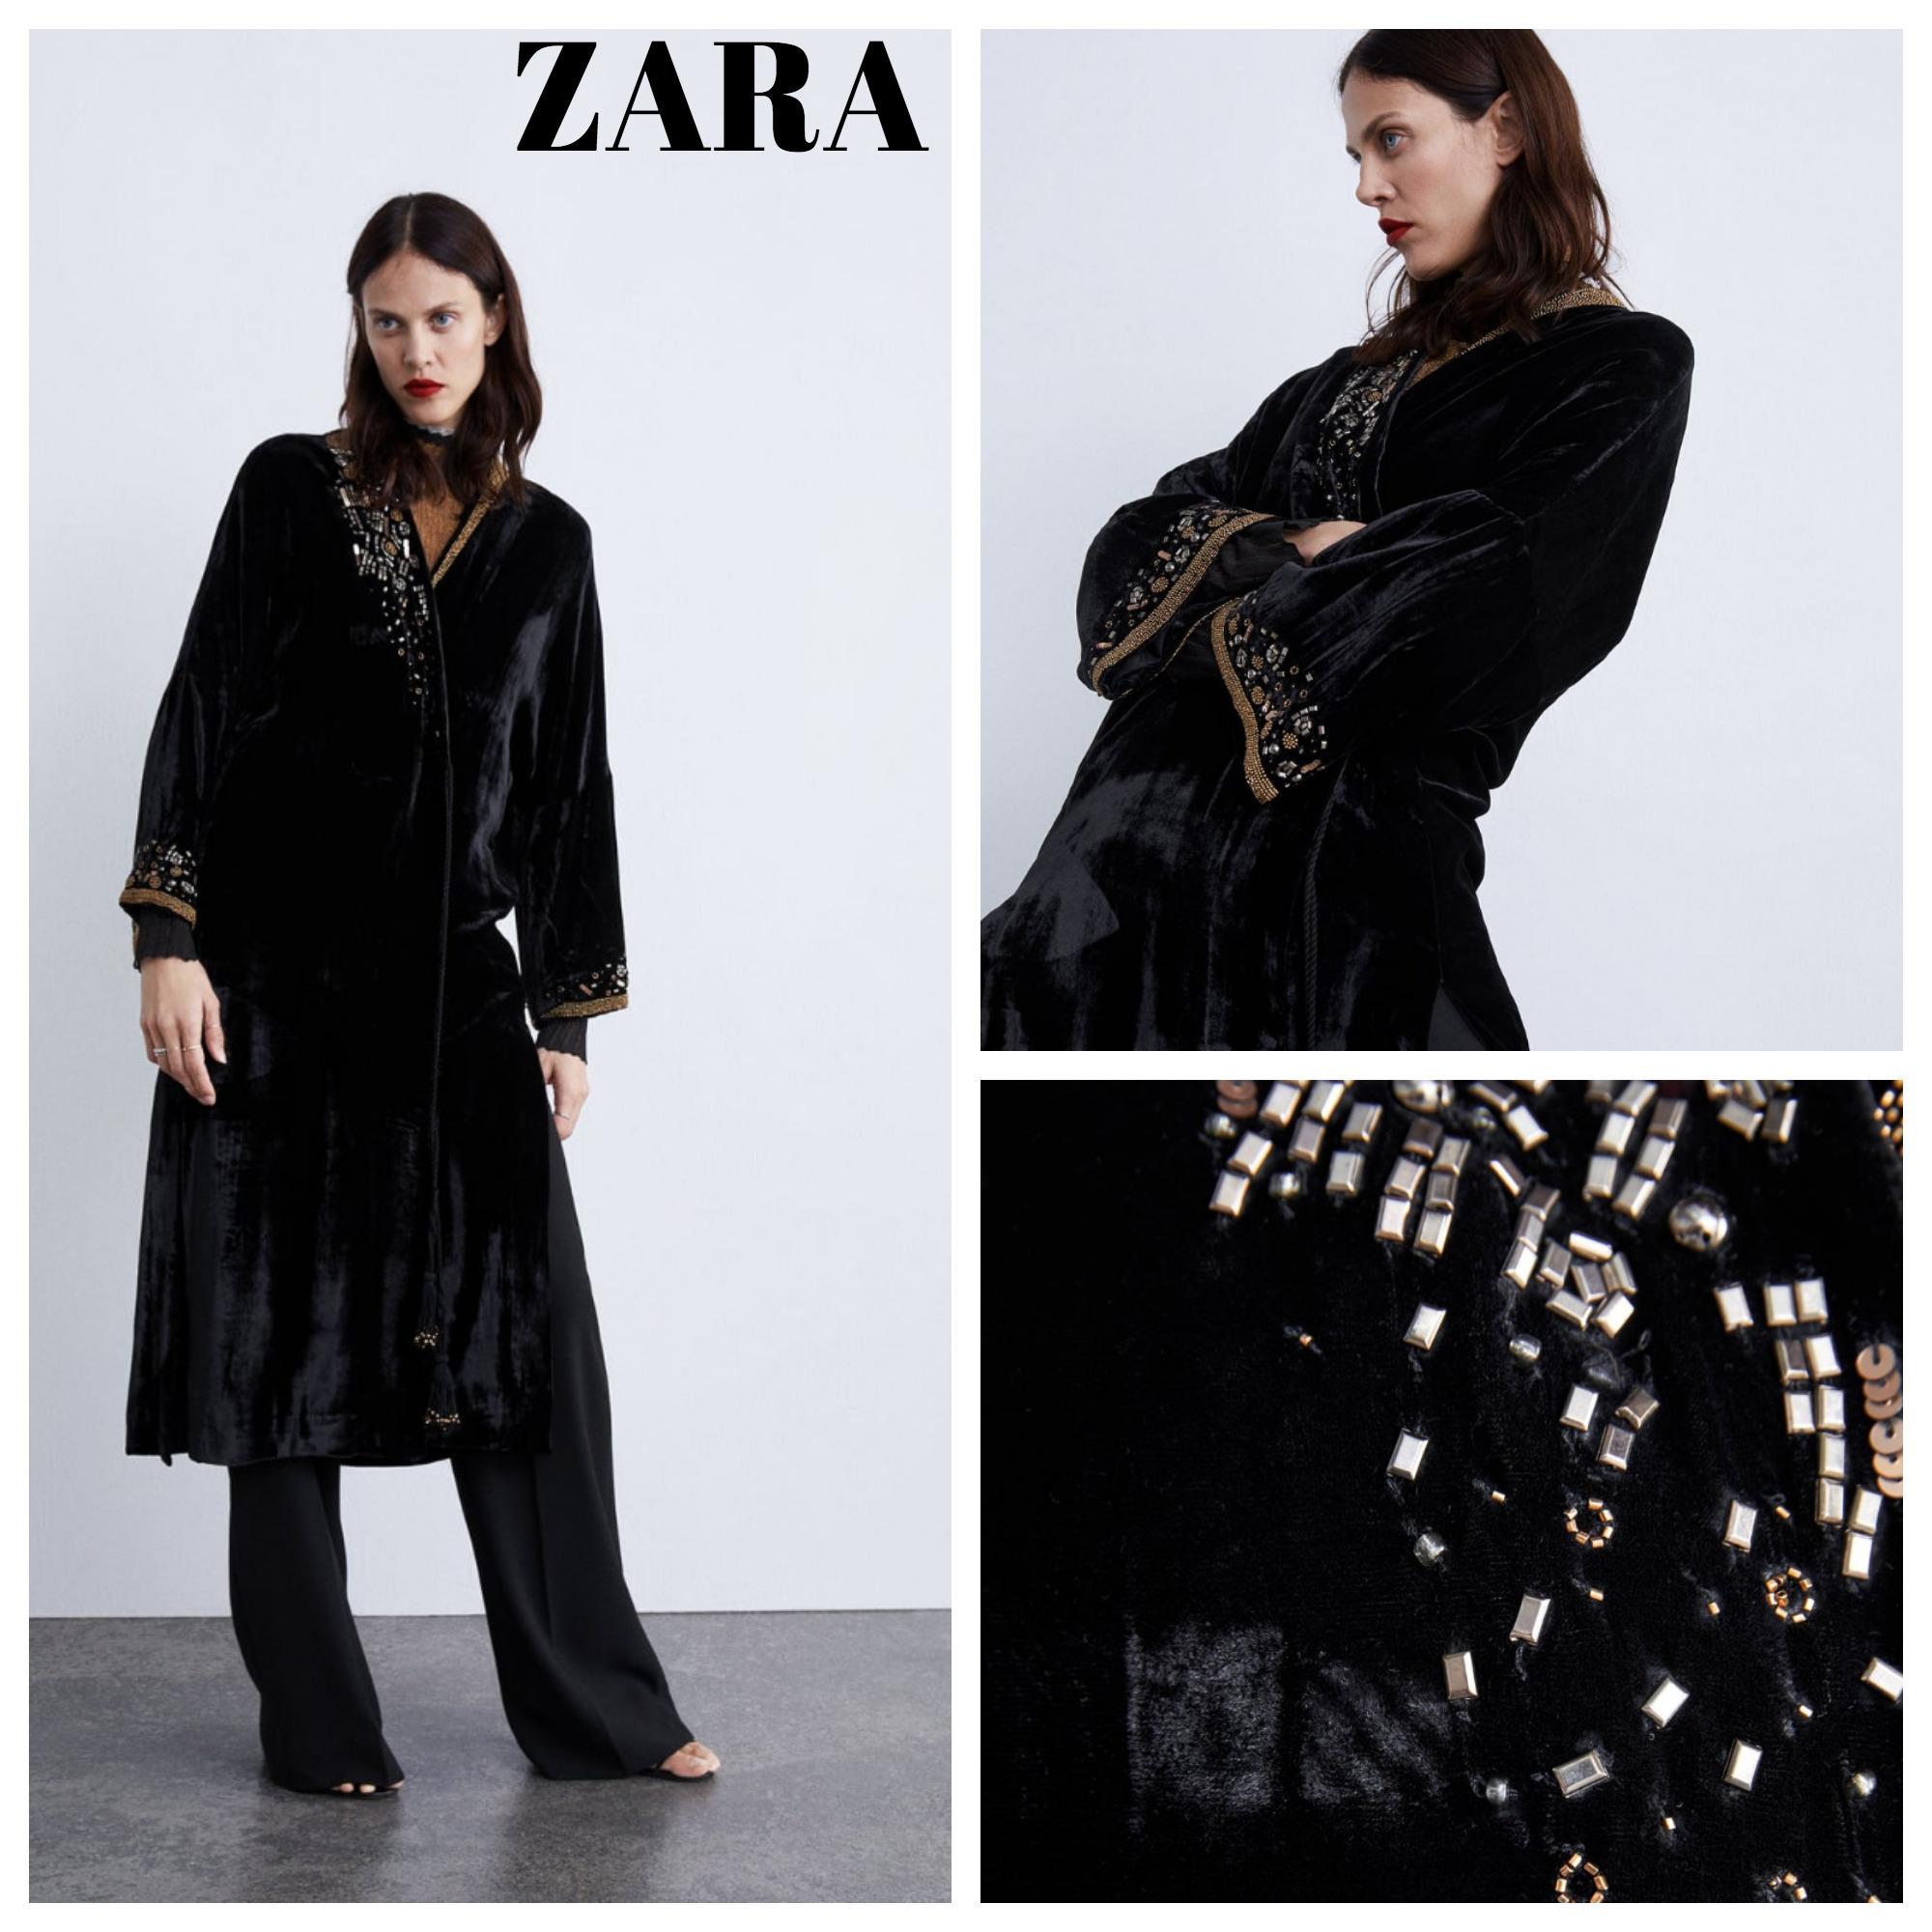 Buyma Kimono Coat Embroidered Stylist Zara By Xf8PvRqn